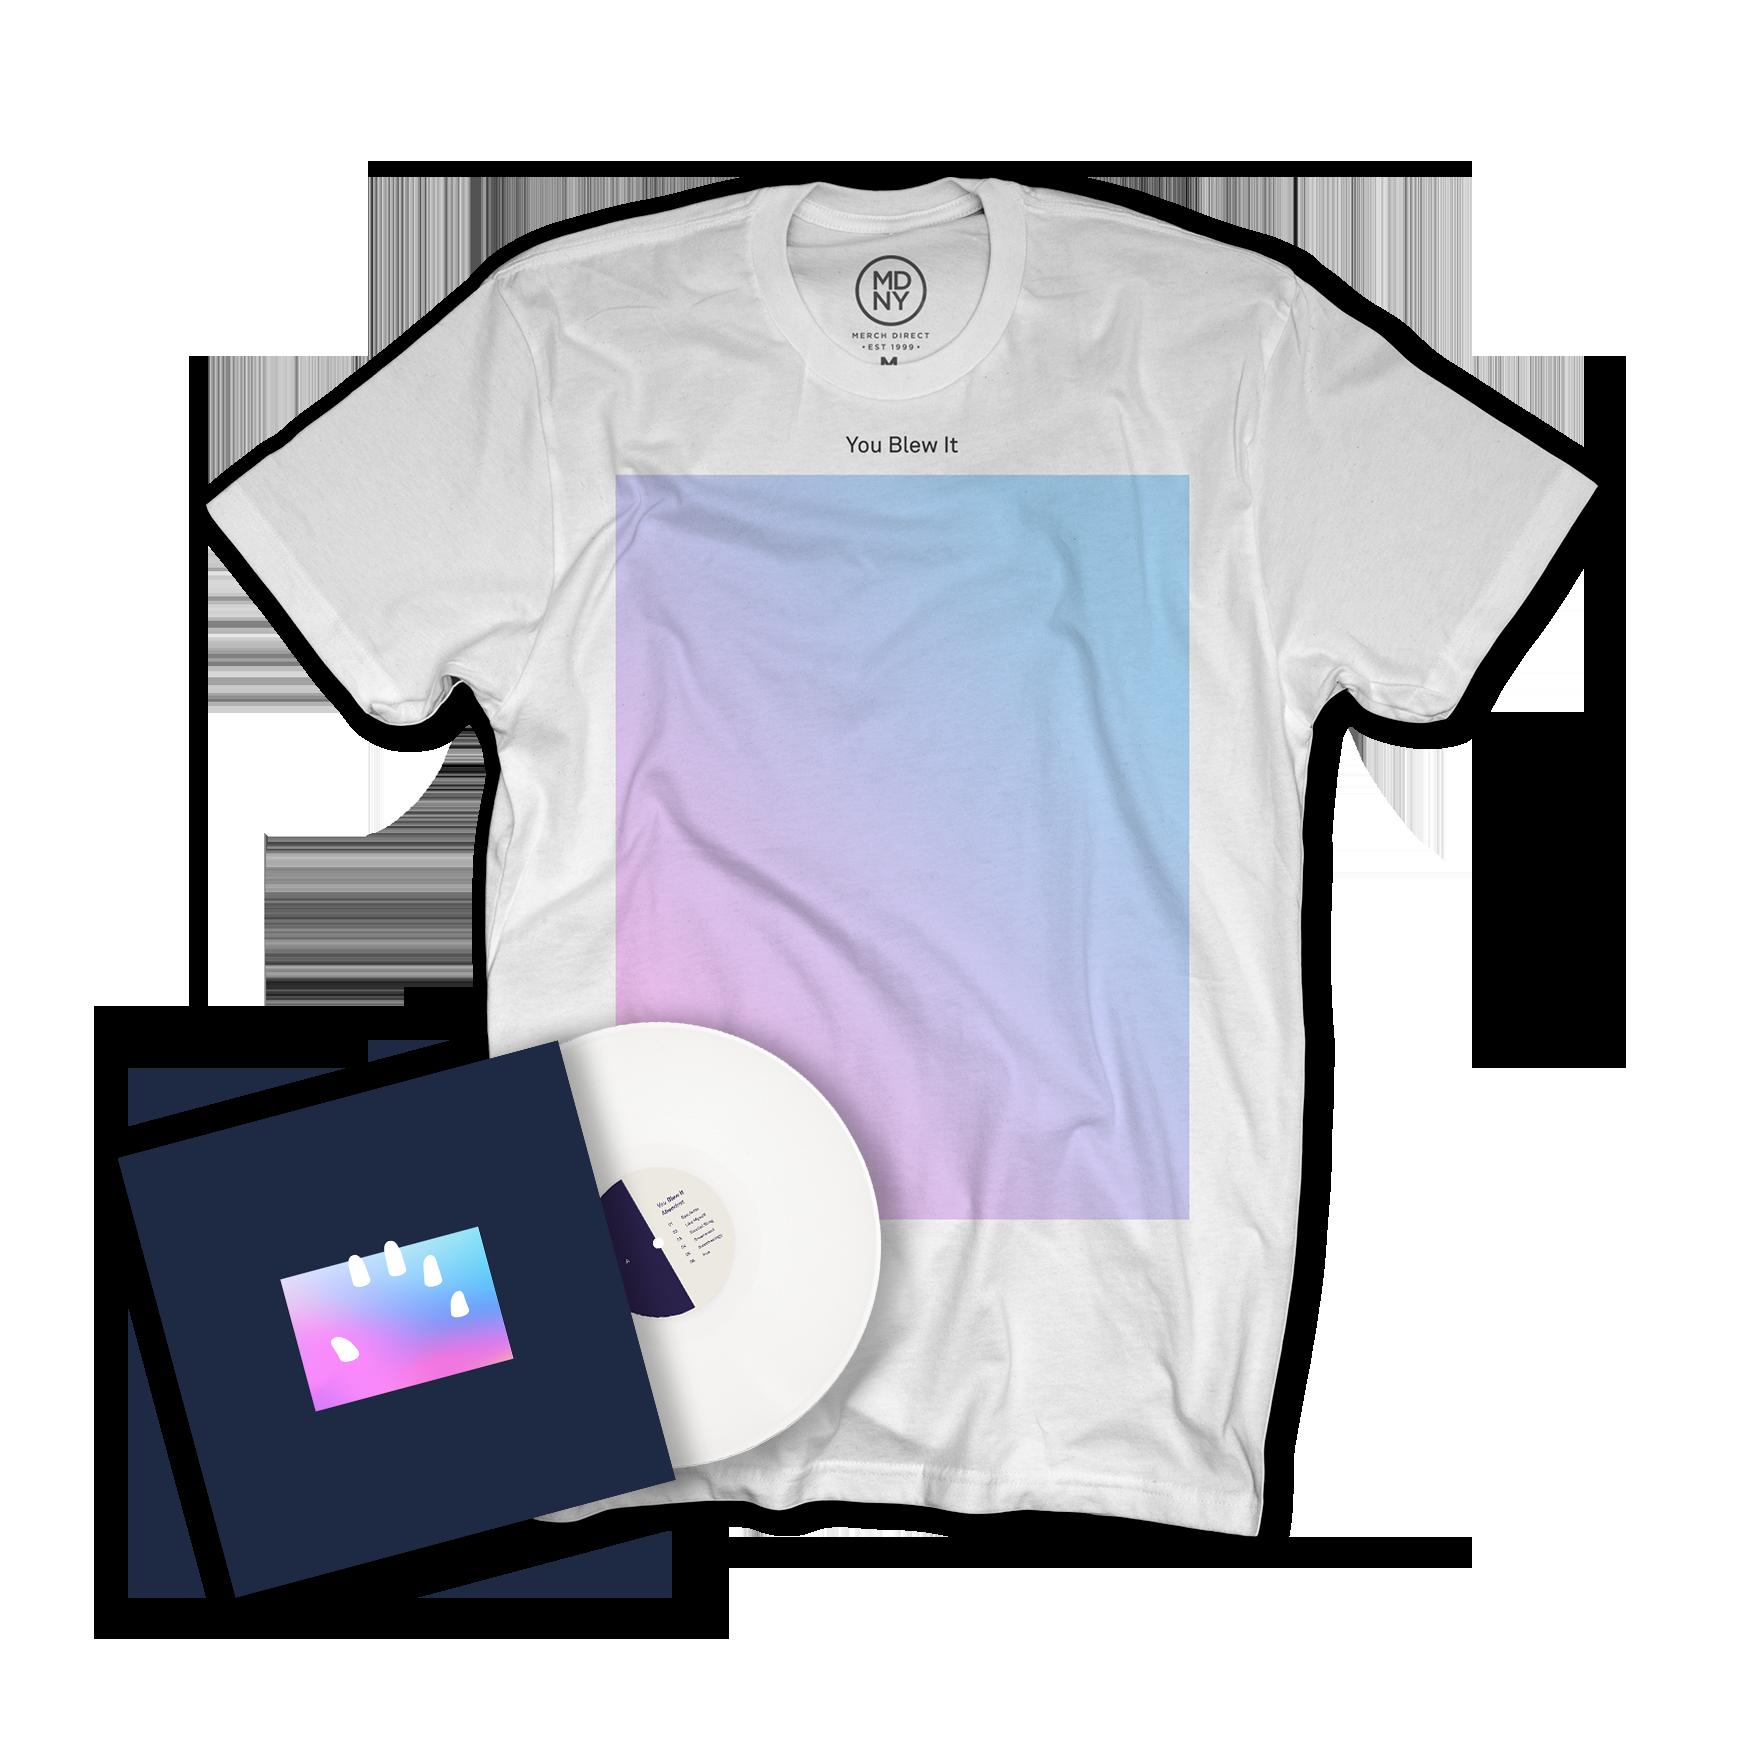 You Blew It - Abendrot T-Shirt Bundle